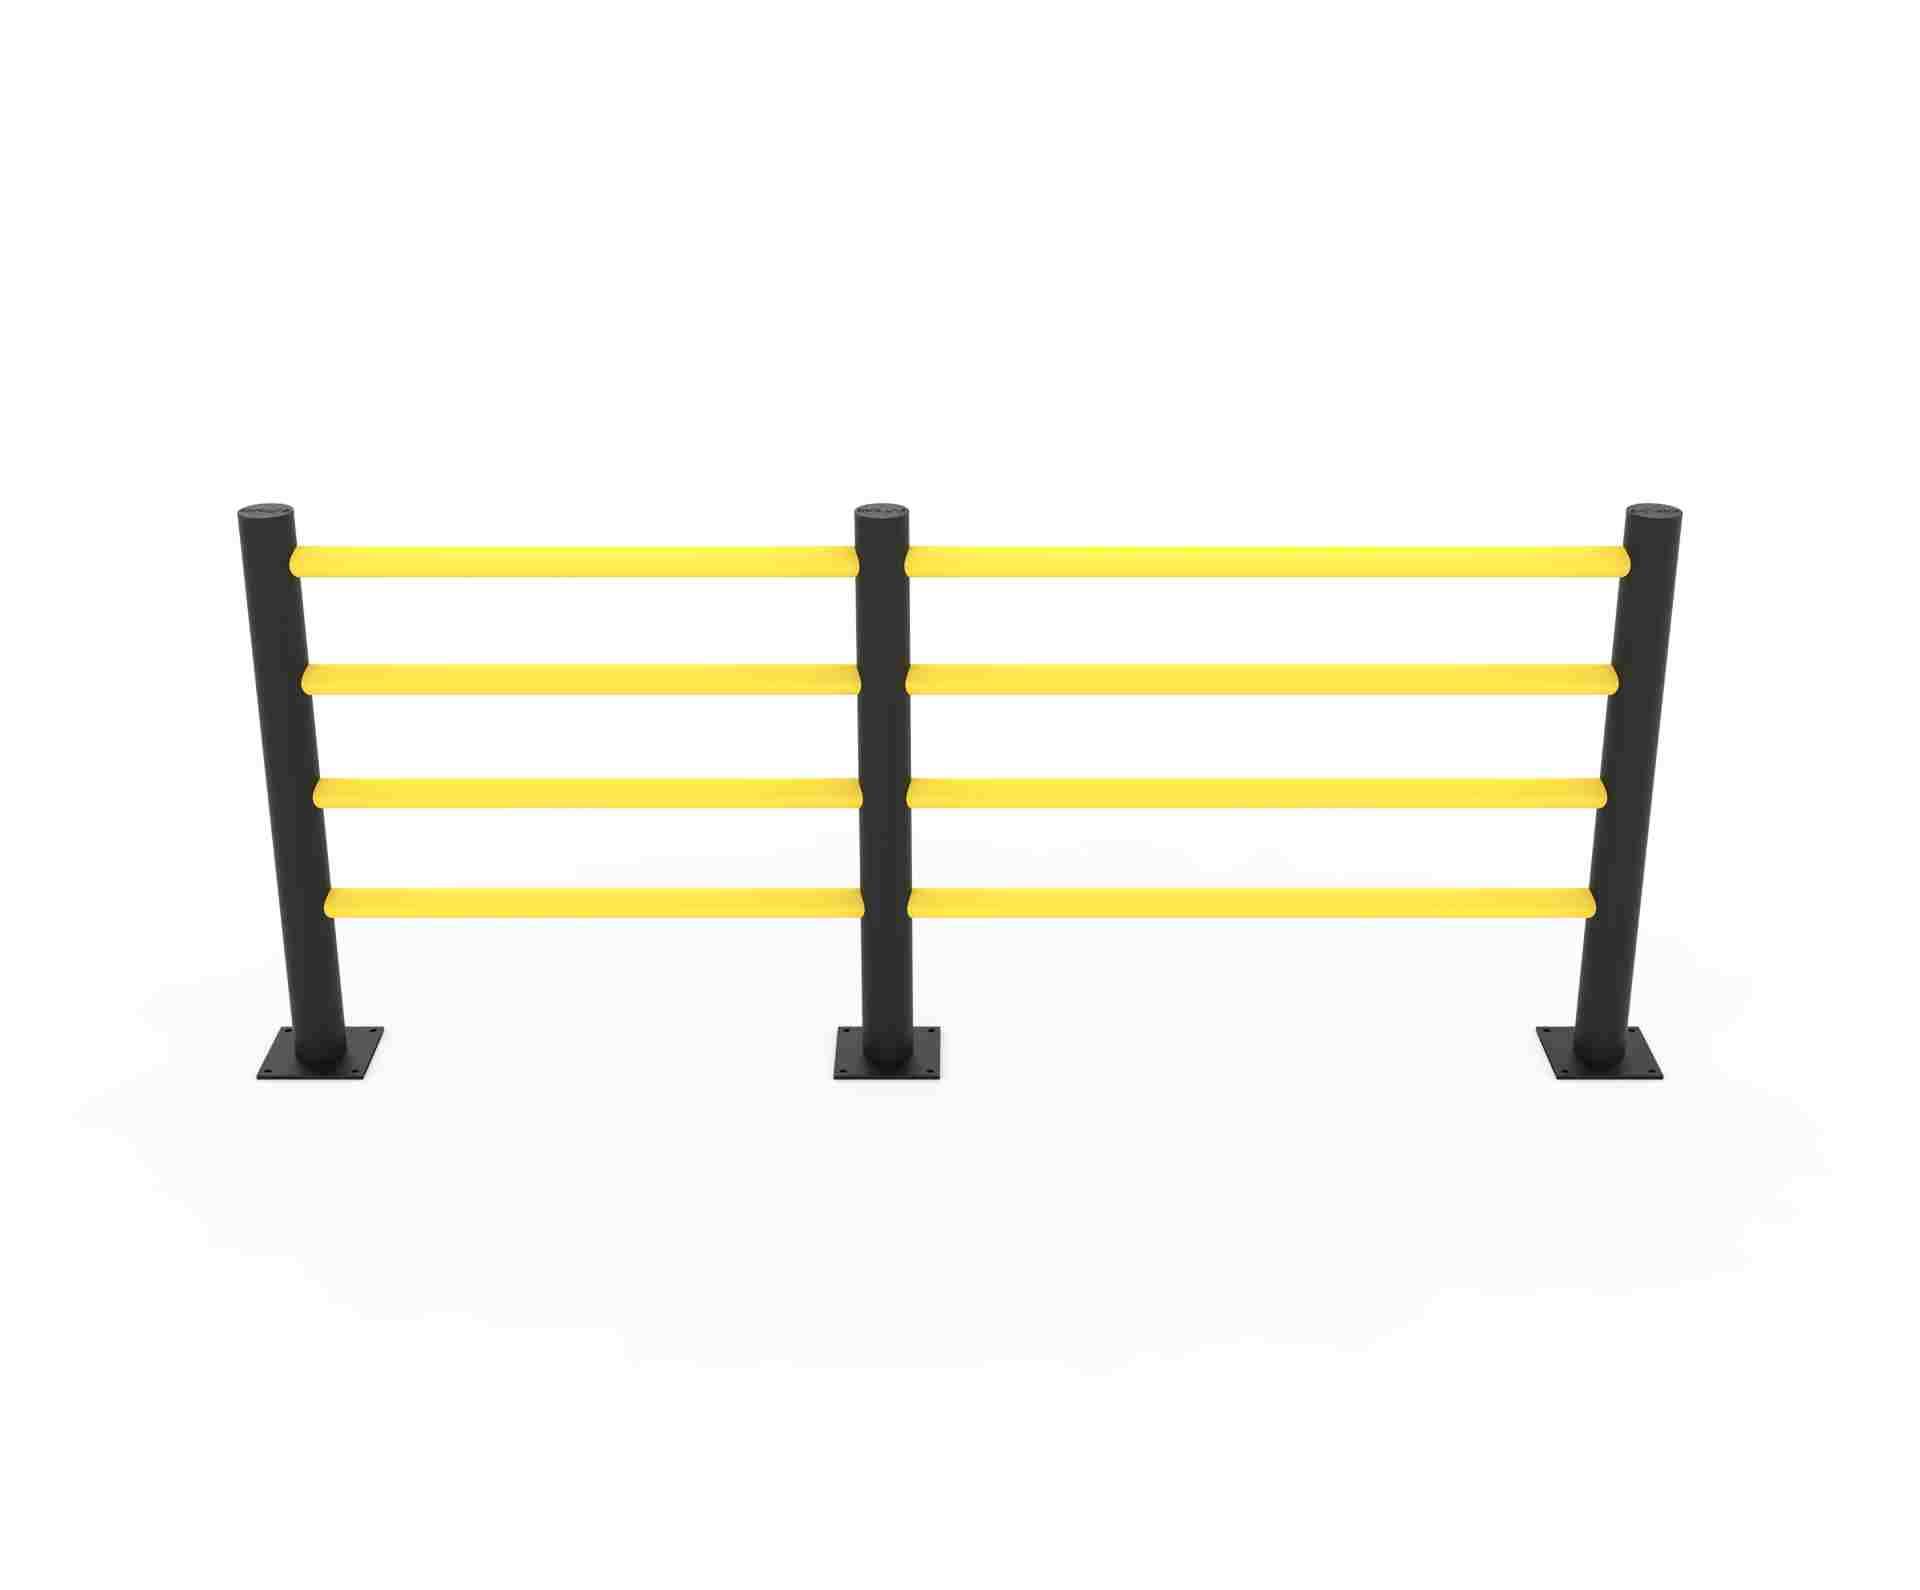 Modułowa elastyczna bariera do zabezpieczenia ciągów pieszych D z 4 belkami